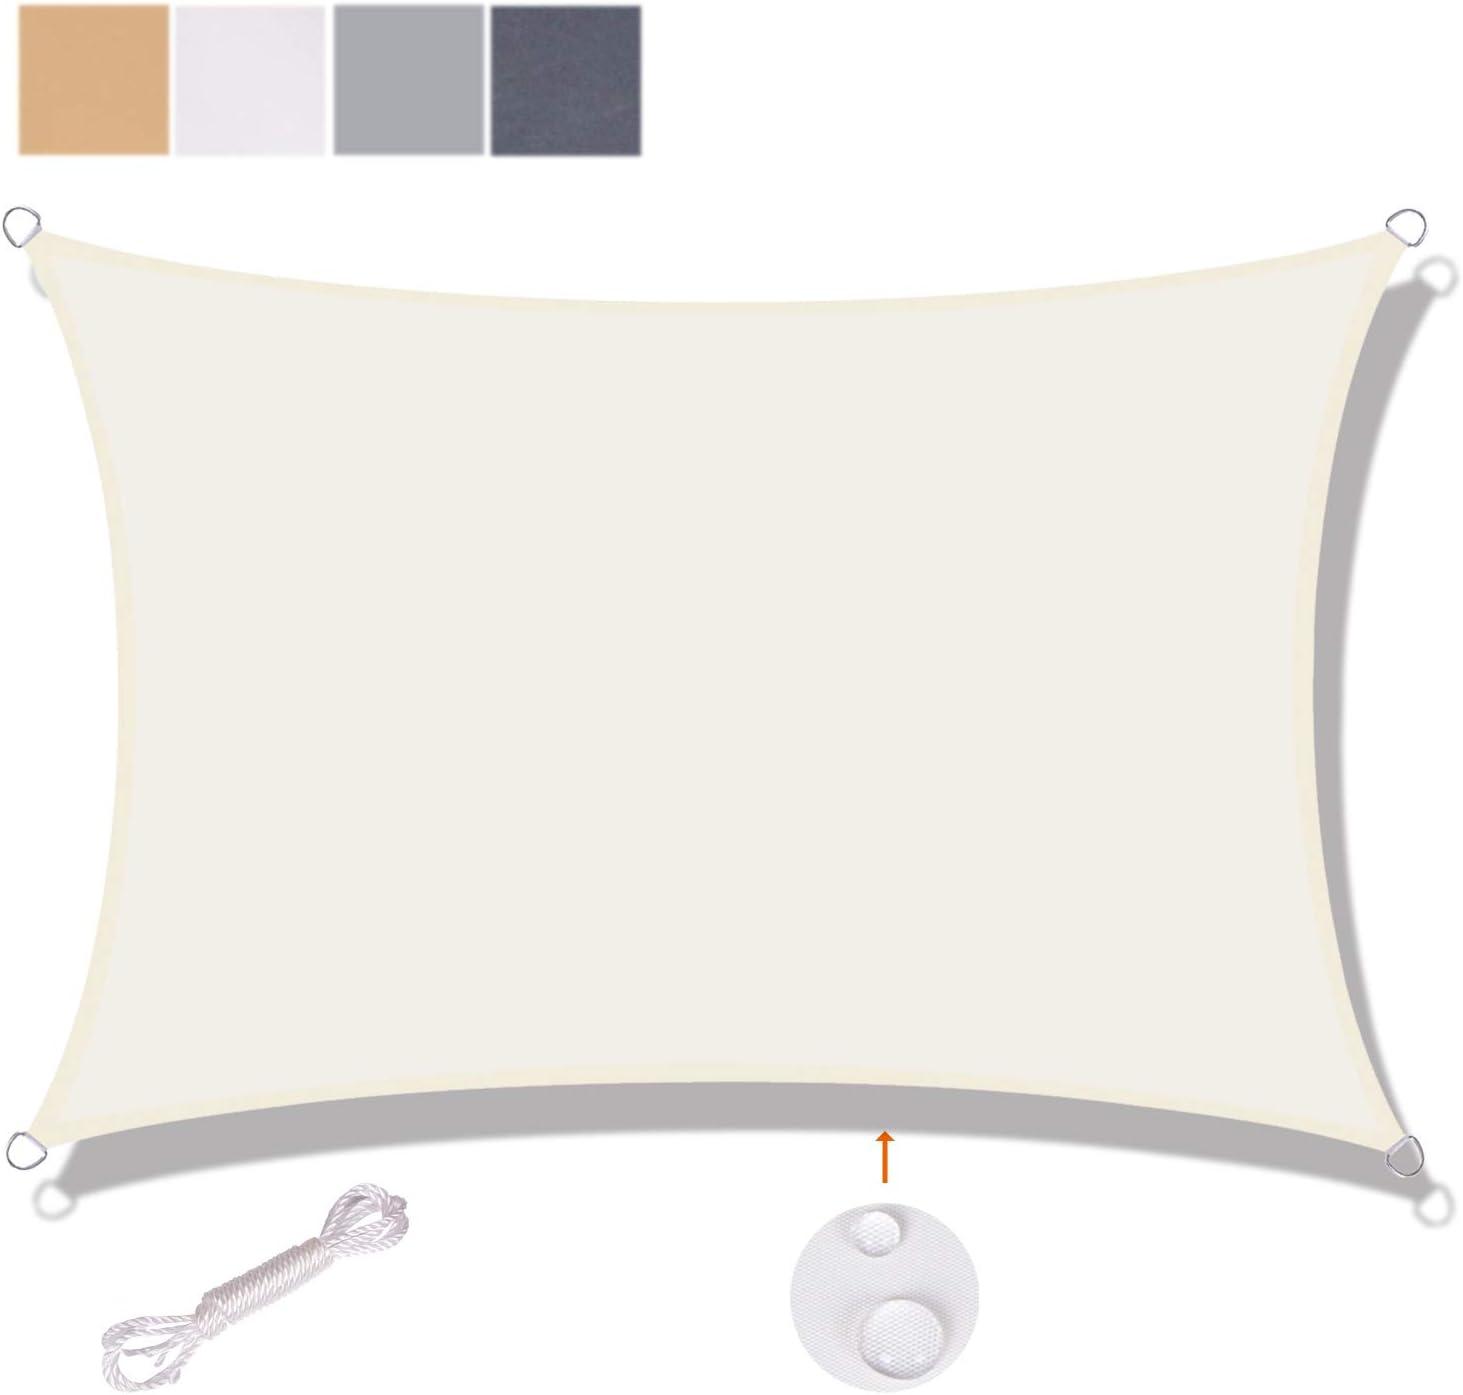 SUNNY GUARD Tenda a Vela Rettangolare 2x2m Antivento Impermeabile Protezione Raggi UV per Giardino terrazza Campeggio Sabbia